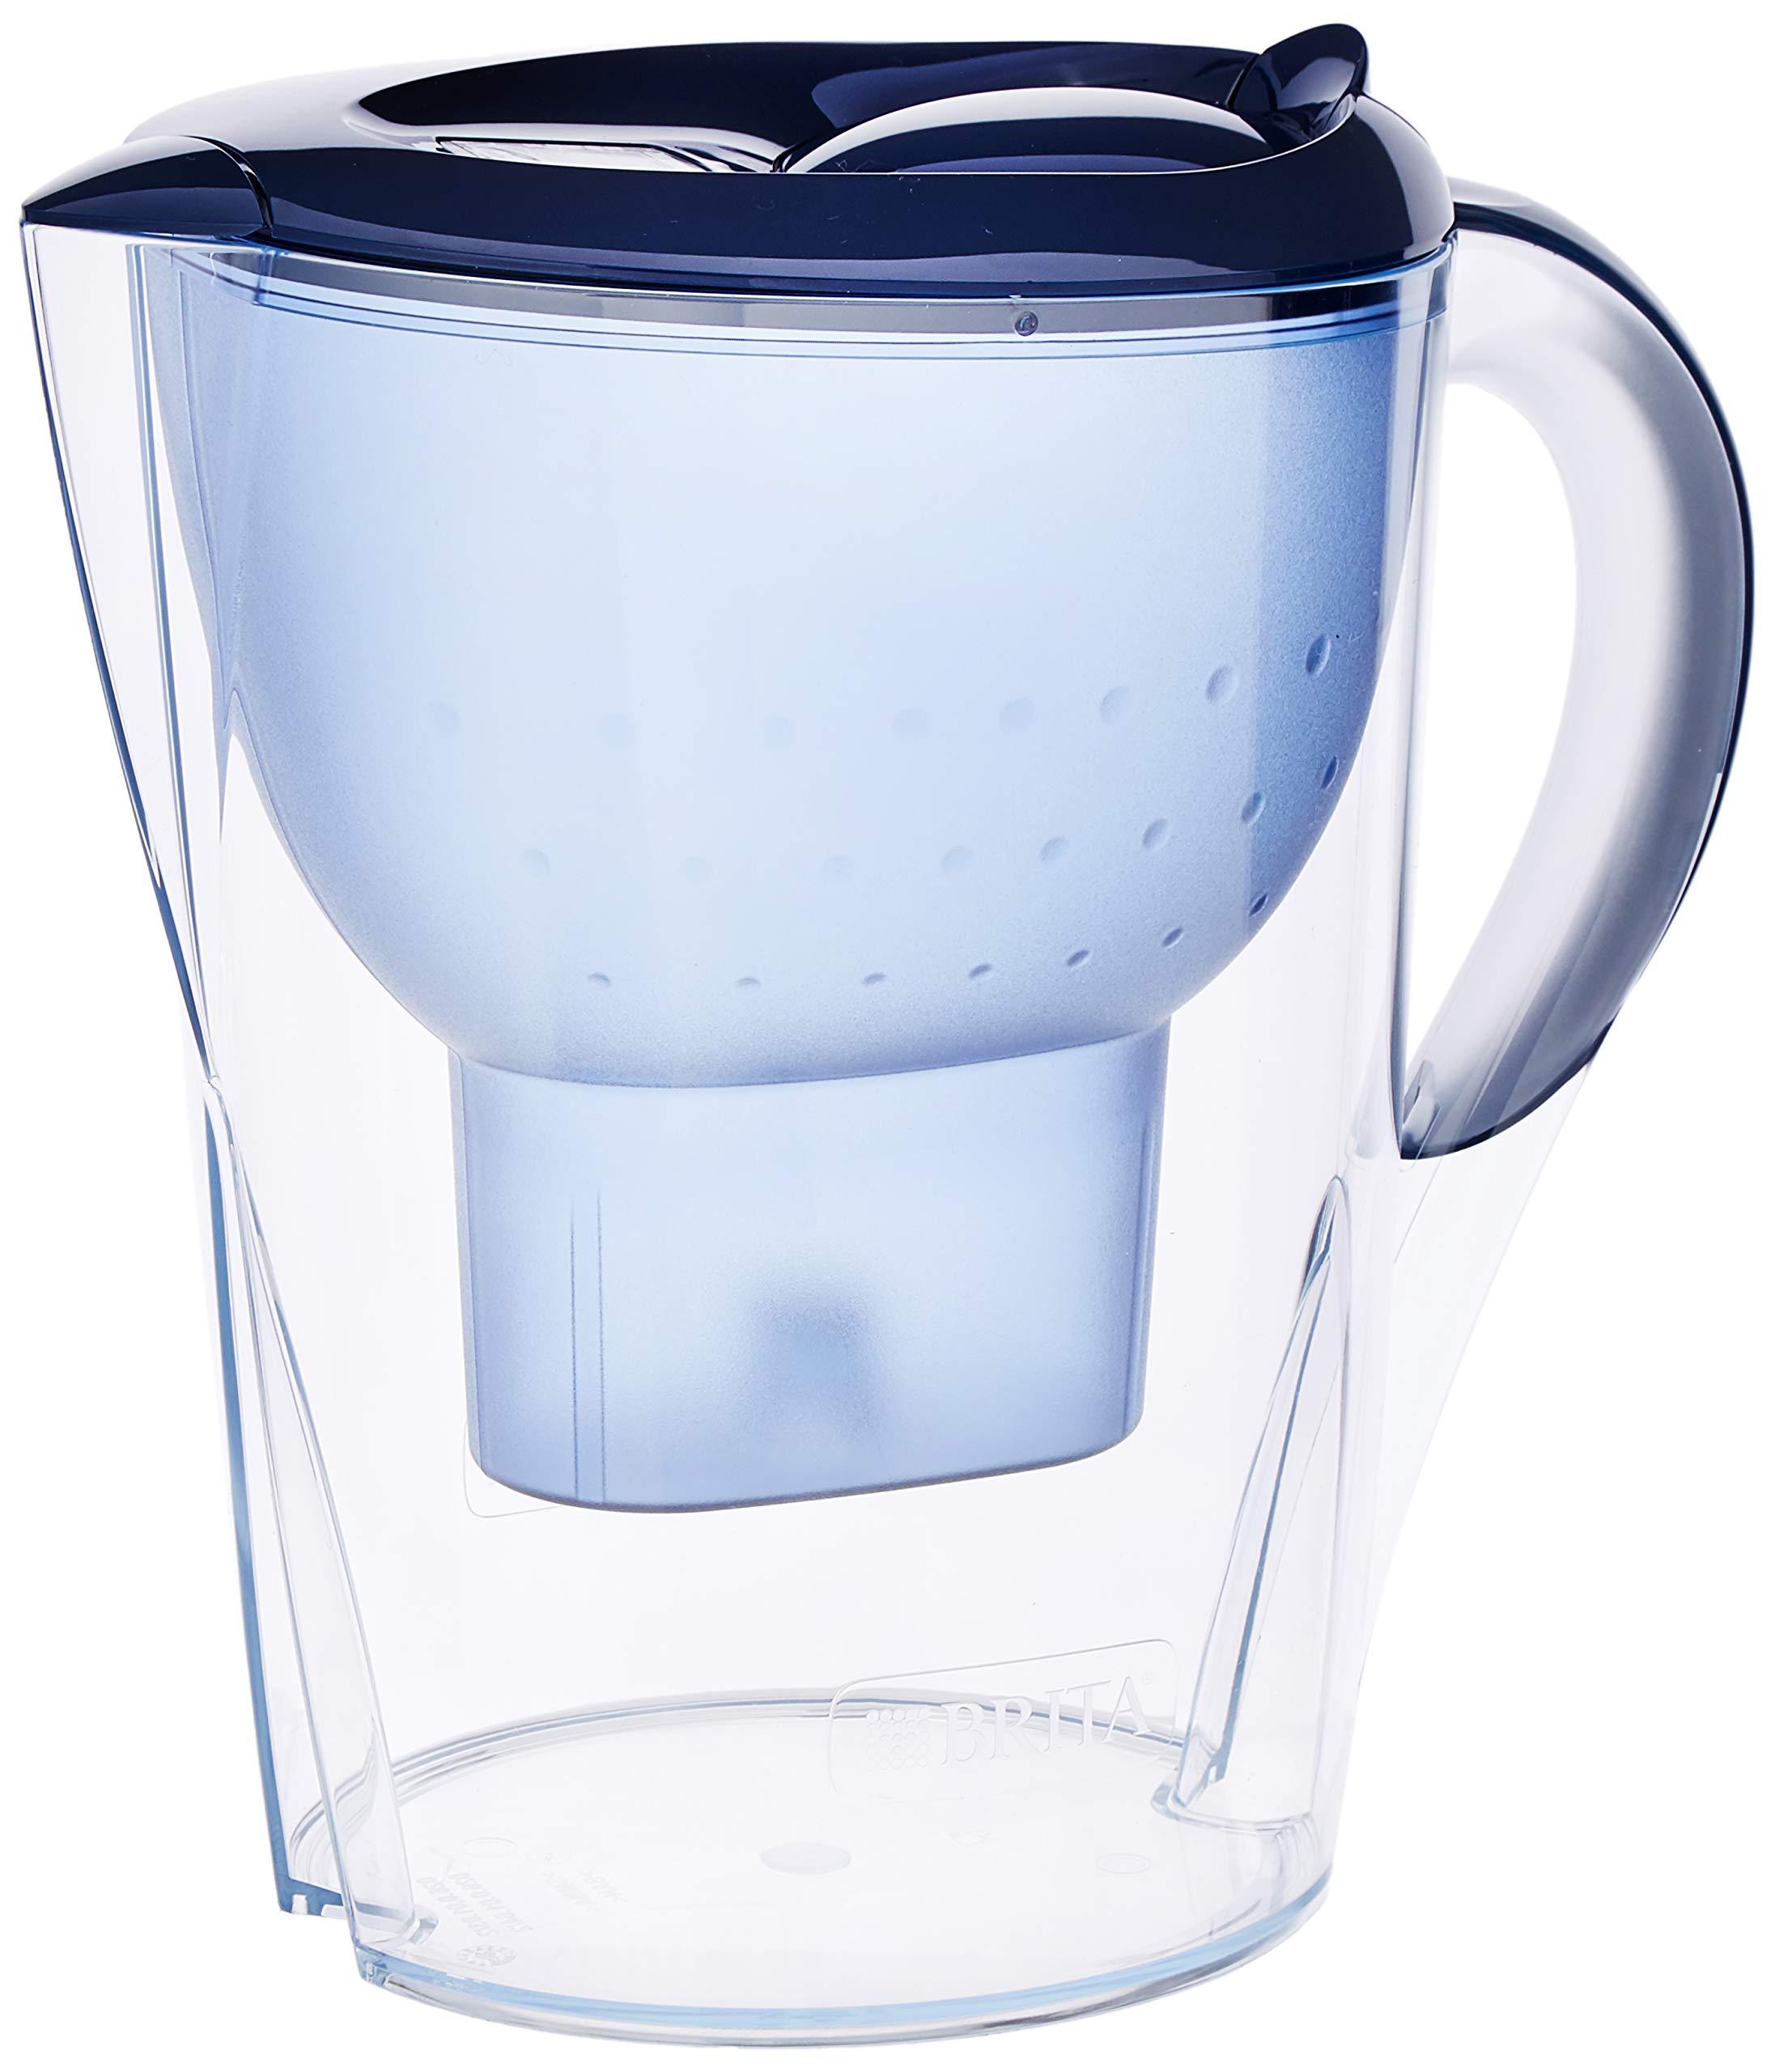 Brita Marella Xl Jarra de Agua Filtrada con 1 Cartucho Maxtra +, Filtro de Agua